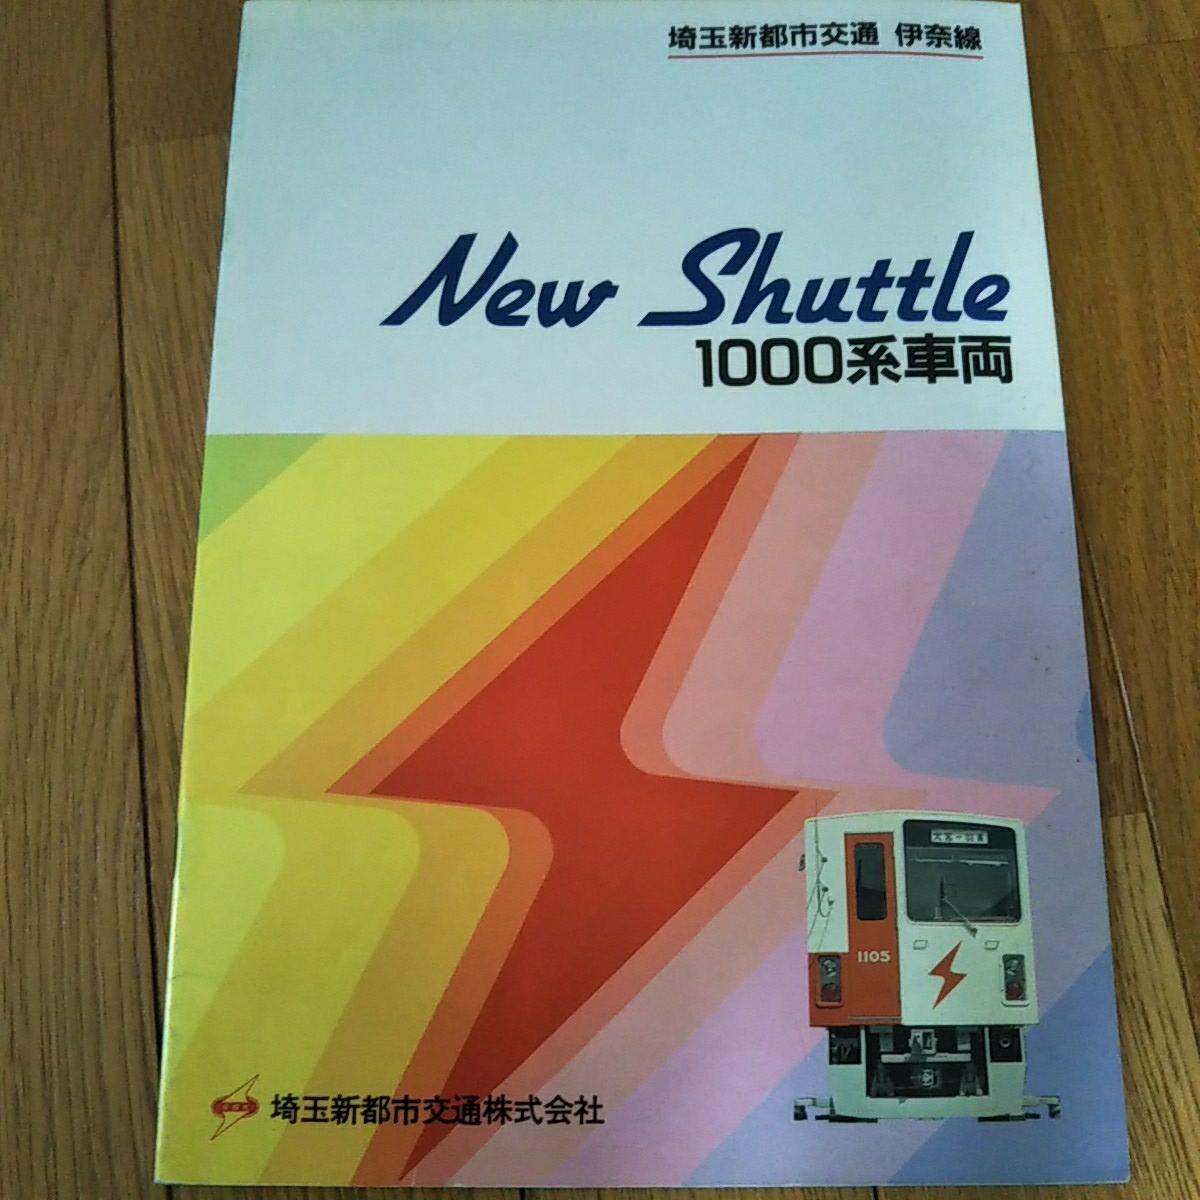 埼玉新都市交通 伊奈線 1000系車両 新造カタログ22ページ